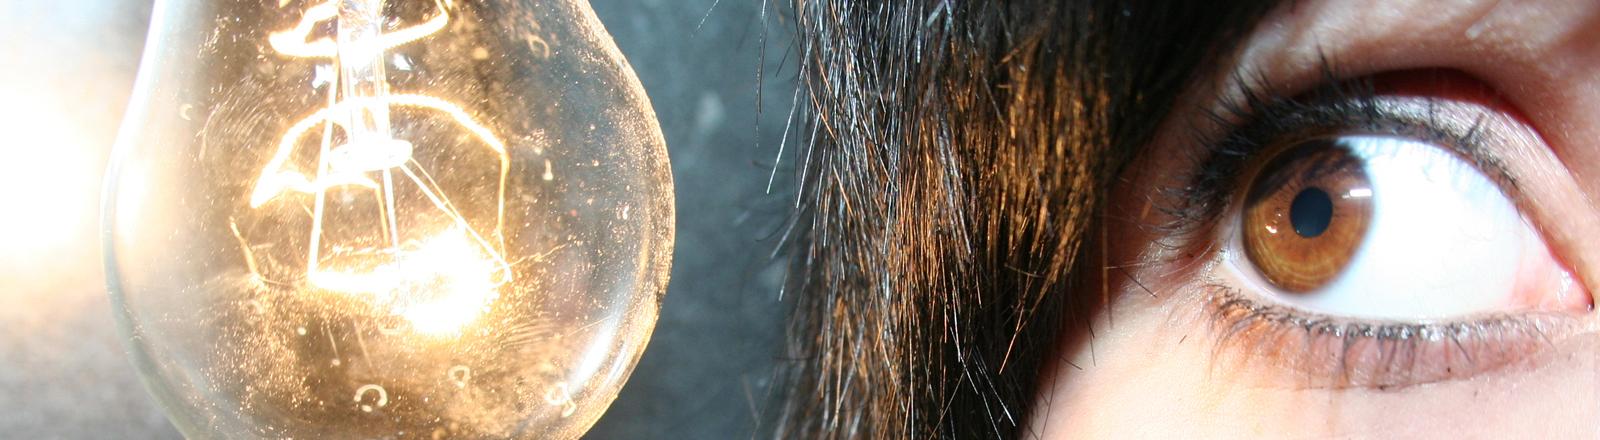 Eine Frau schaut in eine Glühbirne